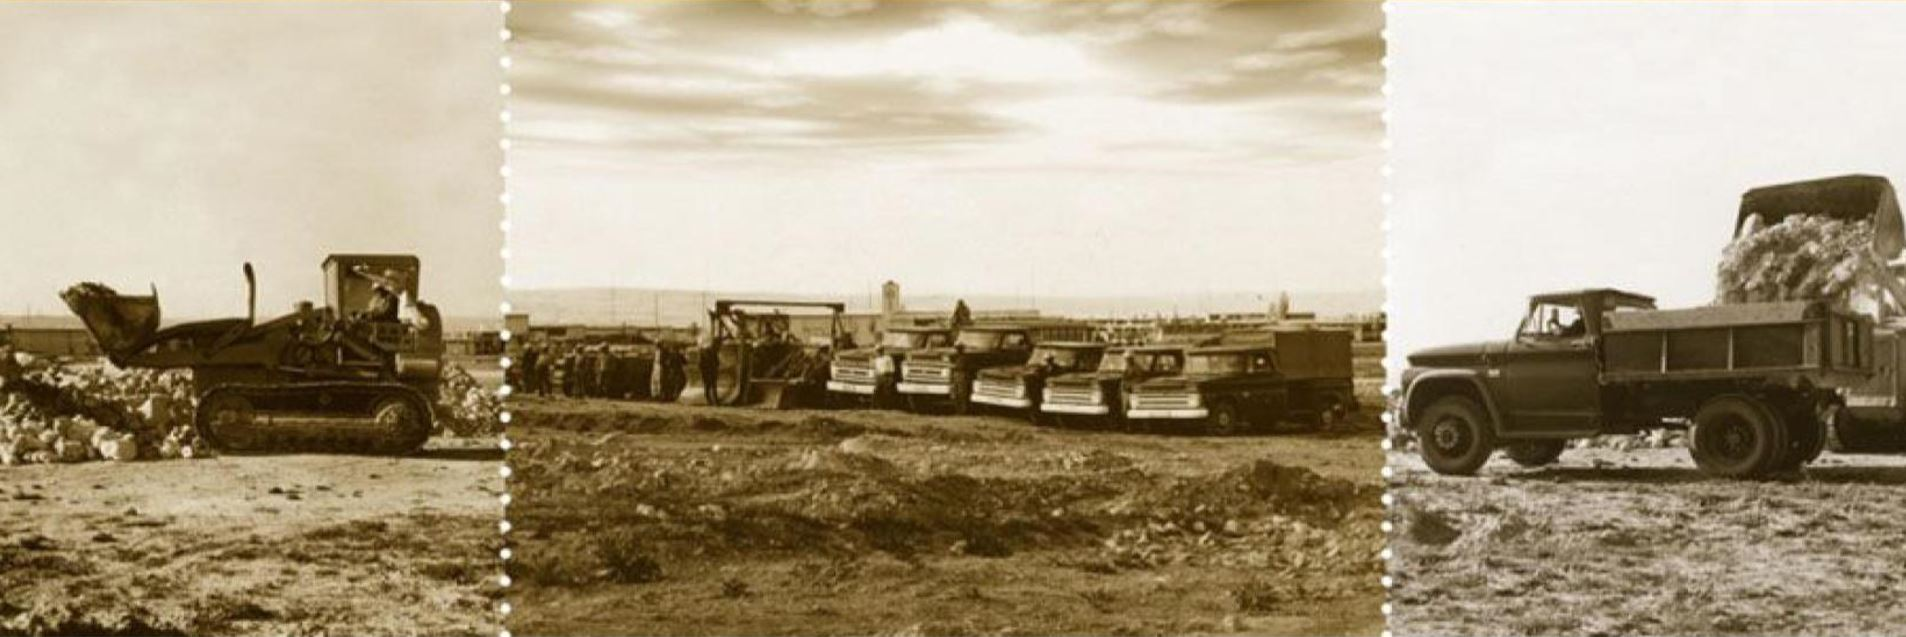 Libya-Bengazi Trafik Genel Müdürlüğü